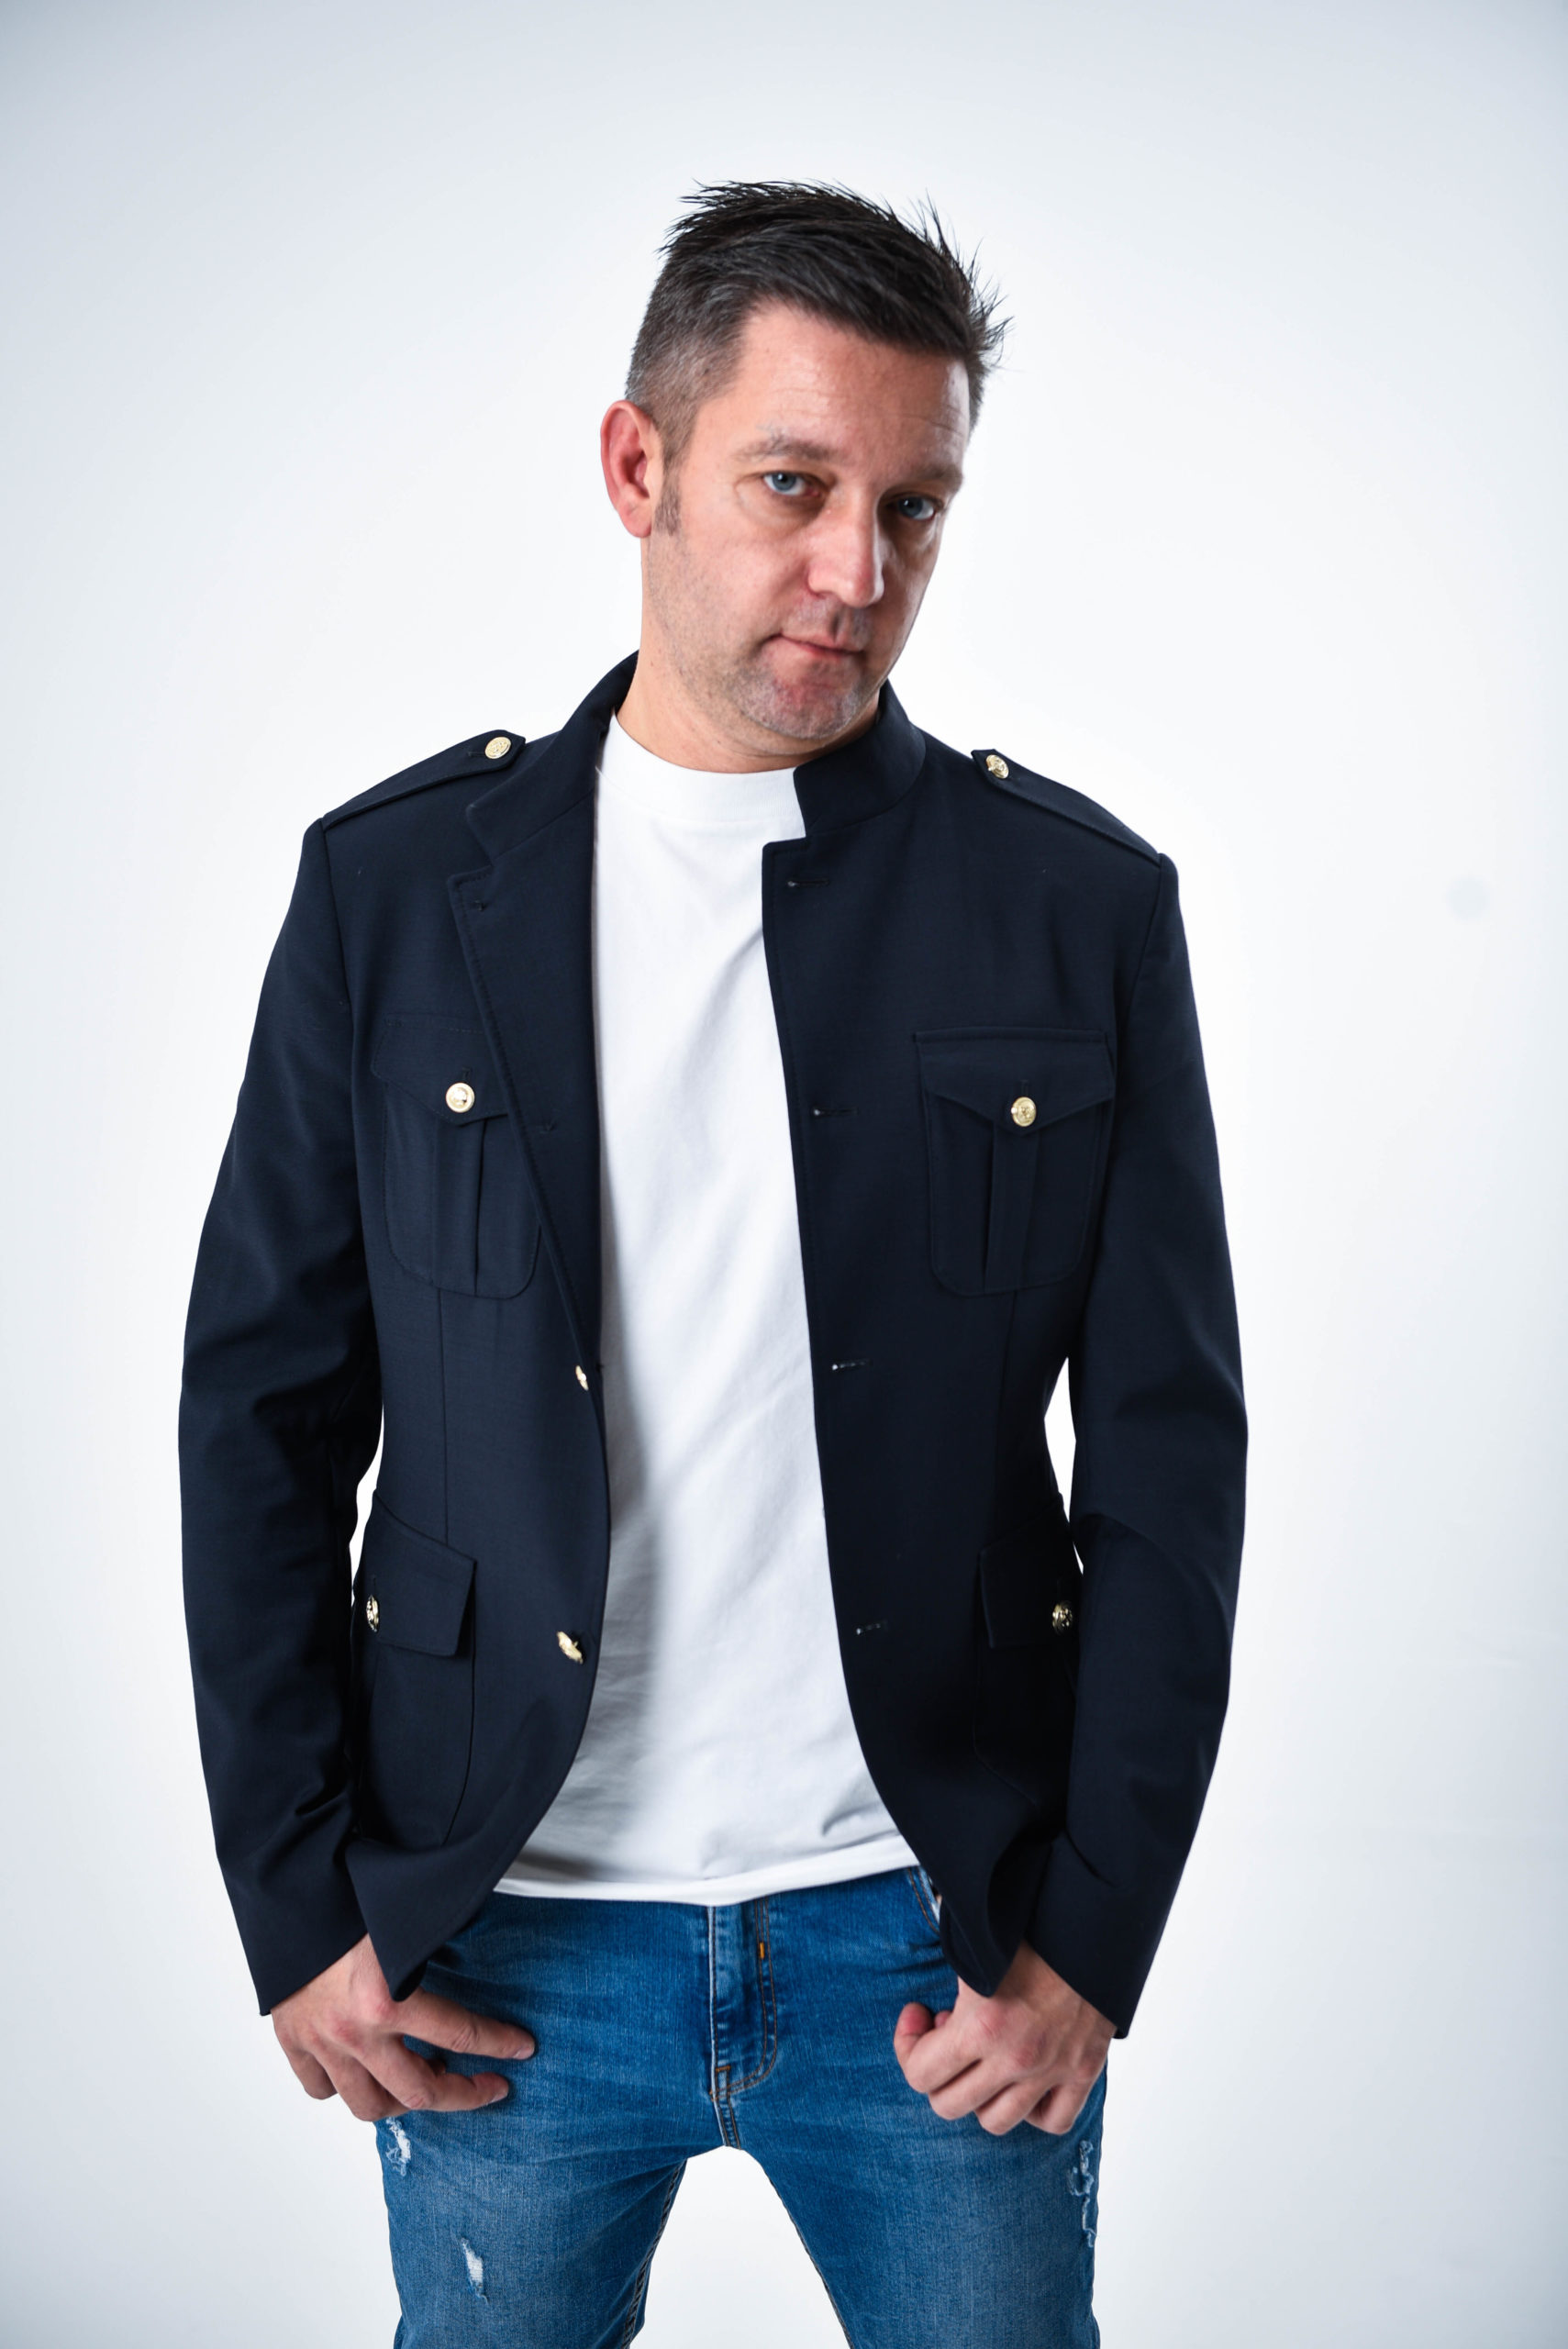 Davide Svezza DJ